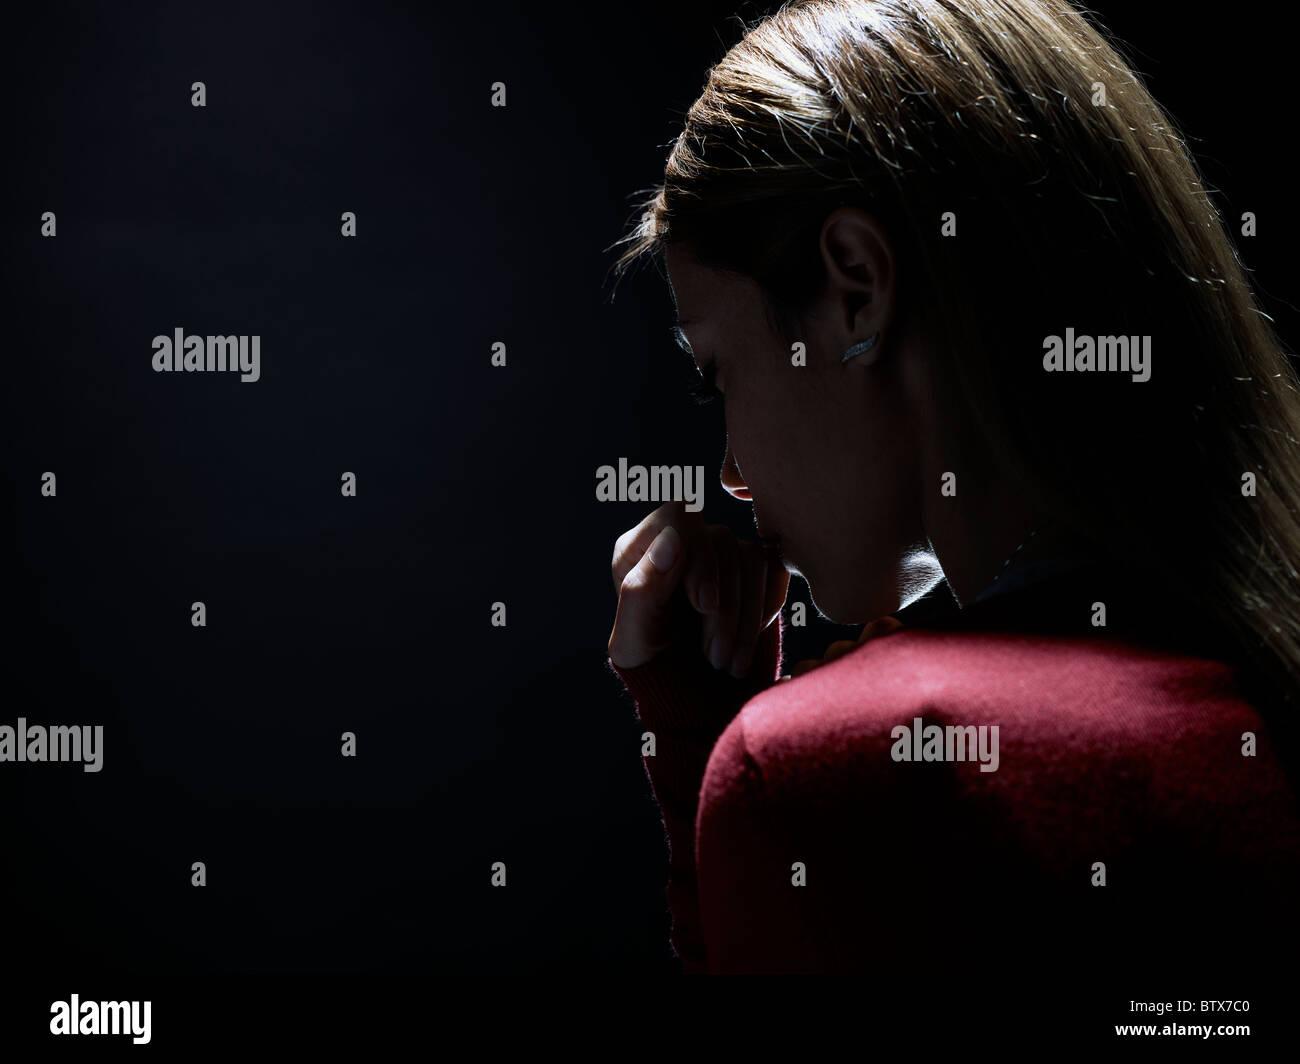 nachdenkliche Frau auf schwarzem Hintergrund, stellvertretend für das Konzept der Anonymität Stockbild